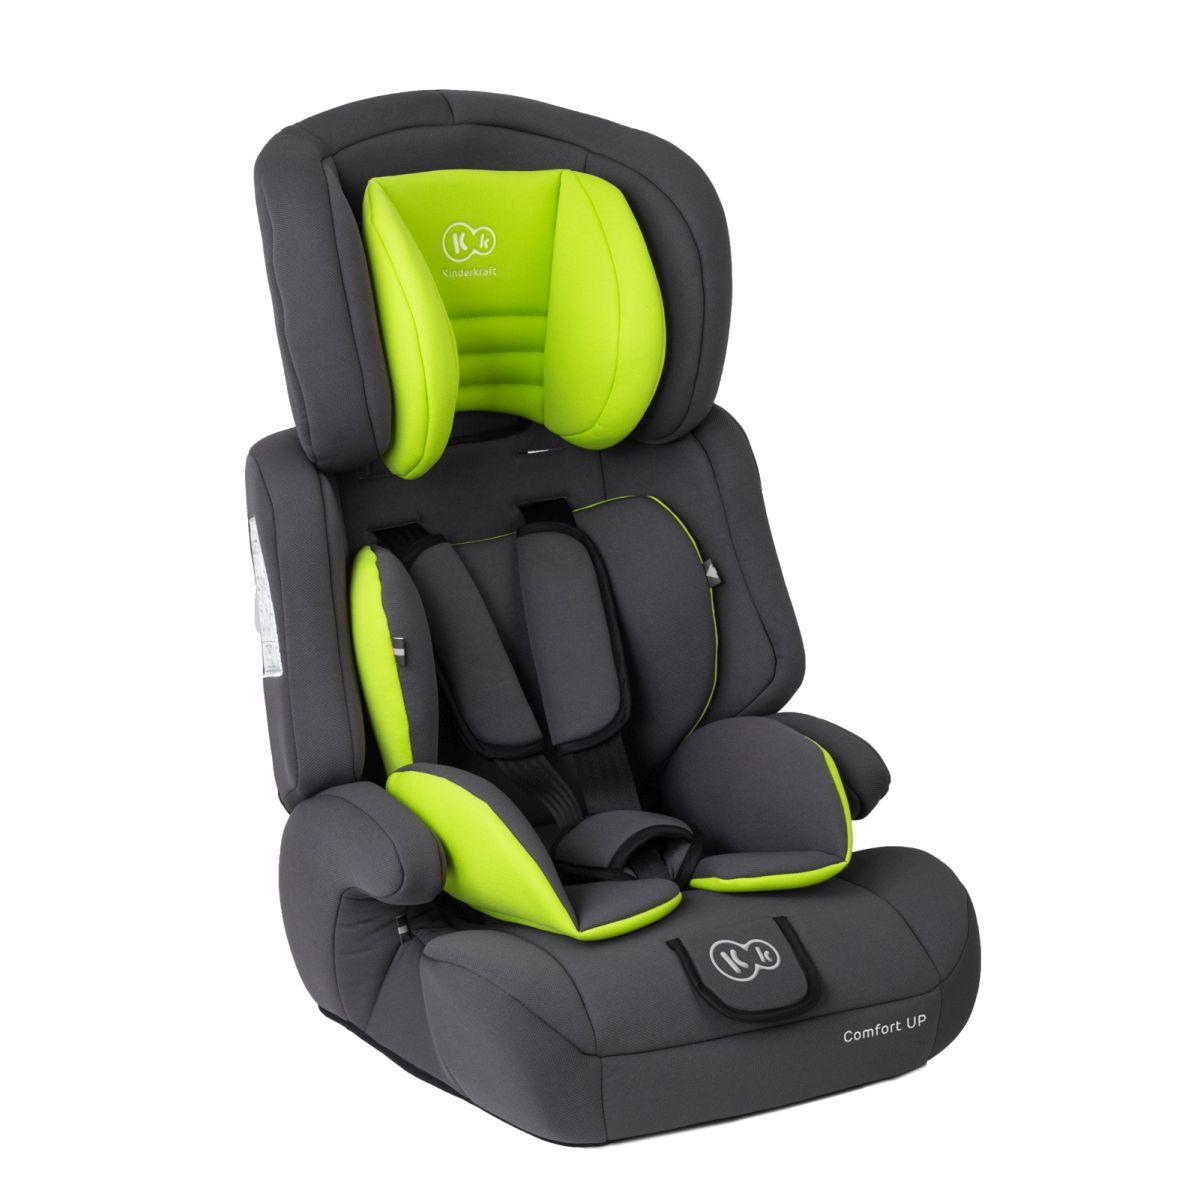 kinderkraft comfort up vert si ge voiture pour b b de 9 36 kg groupe 1 2 3 neu ebay. Black Bedroom Furniture Sets. Home Design Ideas